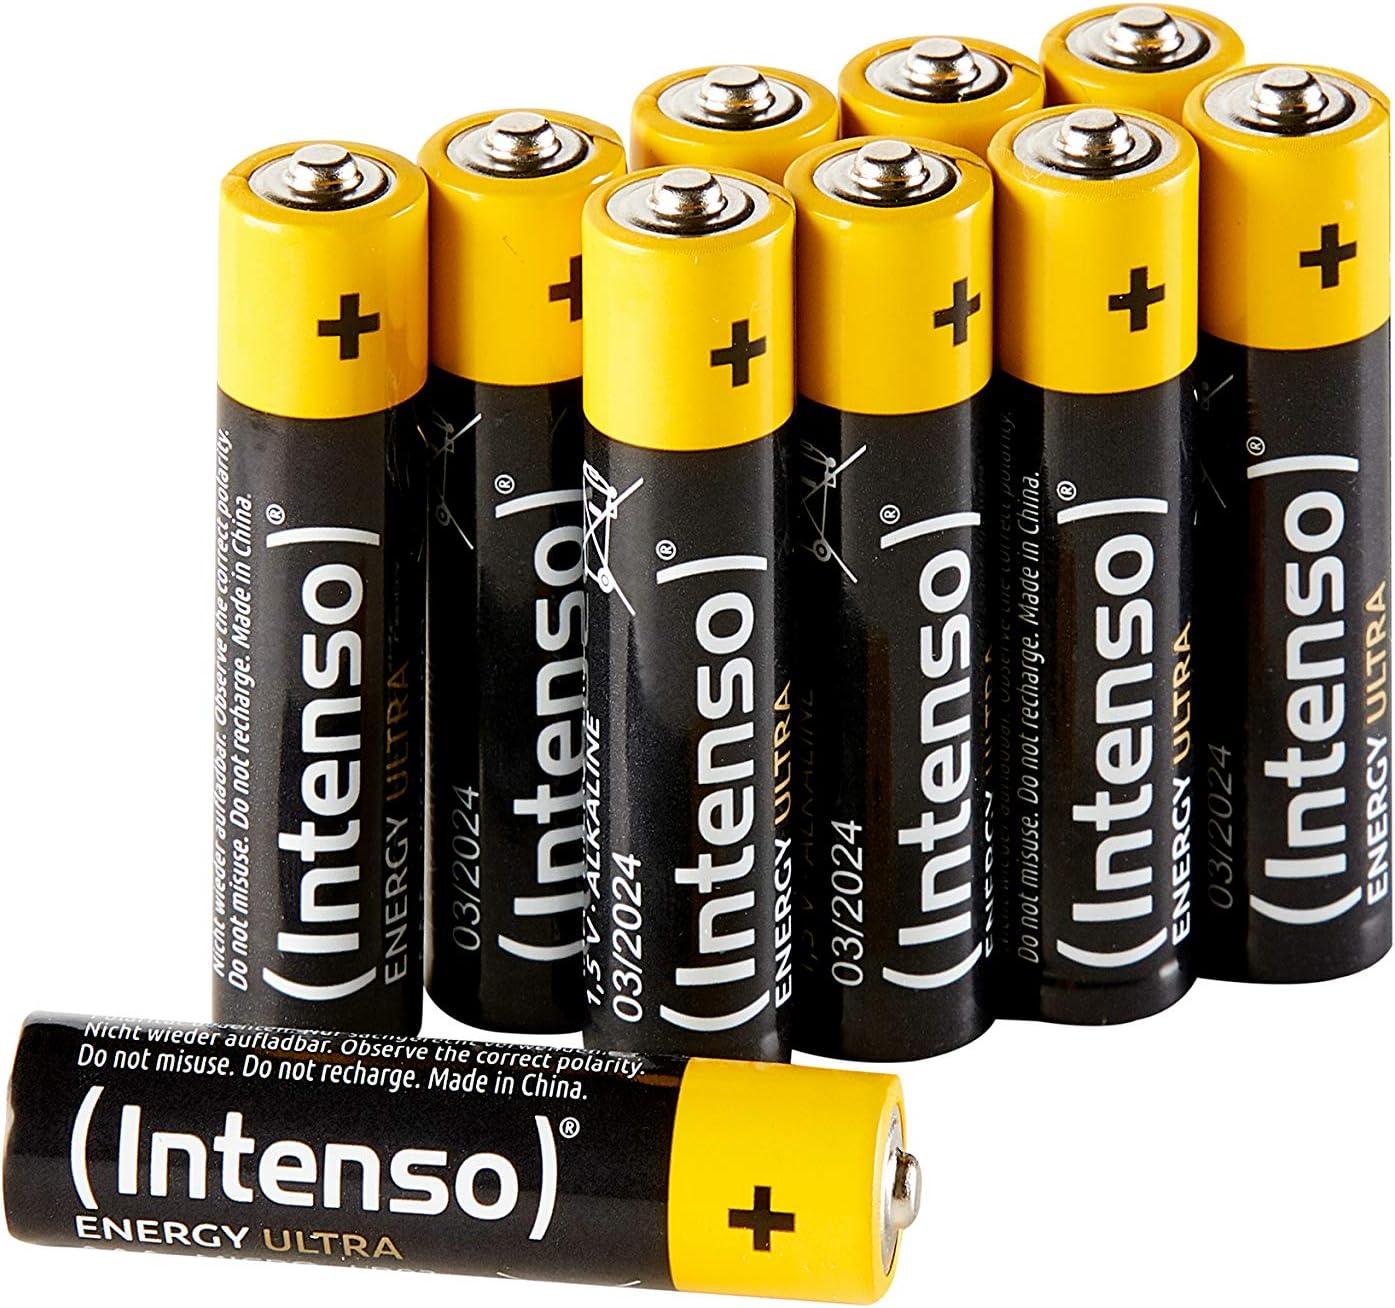 Intenso Energy Ultra Aaa Micro Lr03 Alkaline Batterien Elektronik